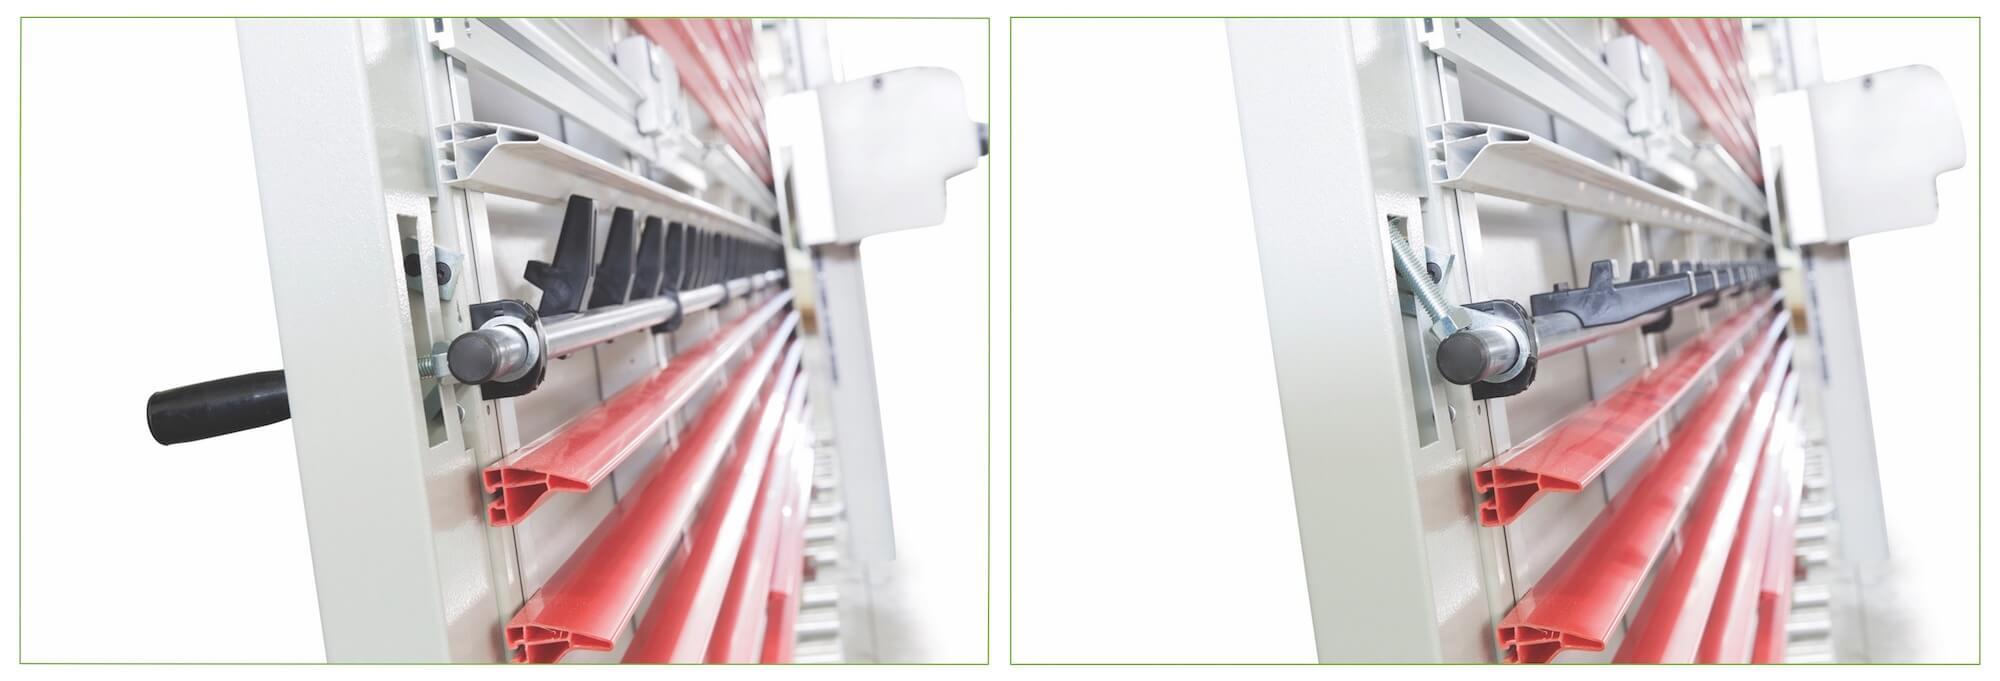 Dispositivo giratorio para el apoyo de pedazos pequenos de cortar.